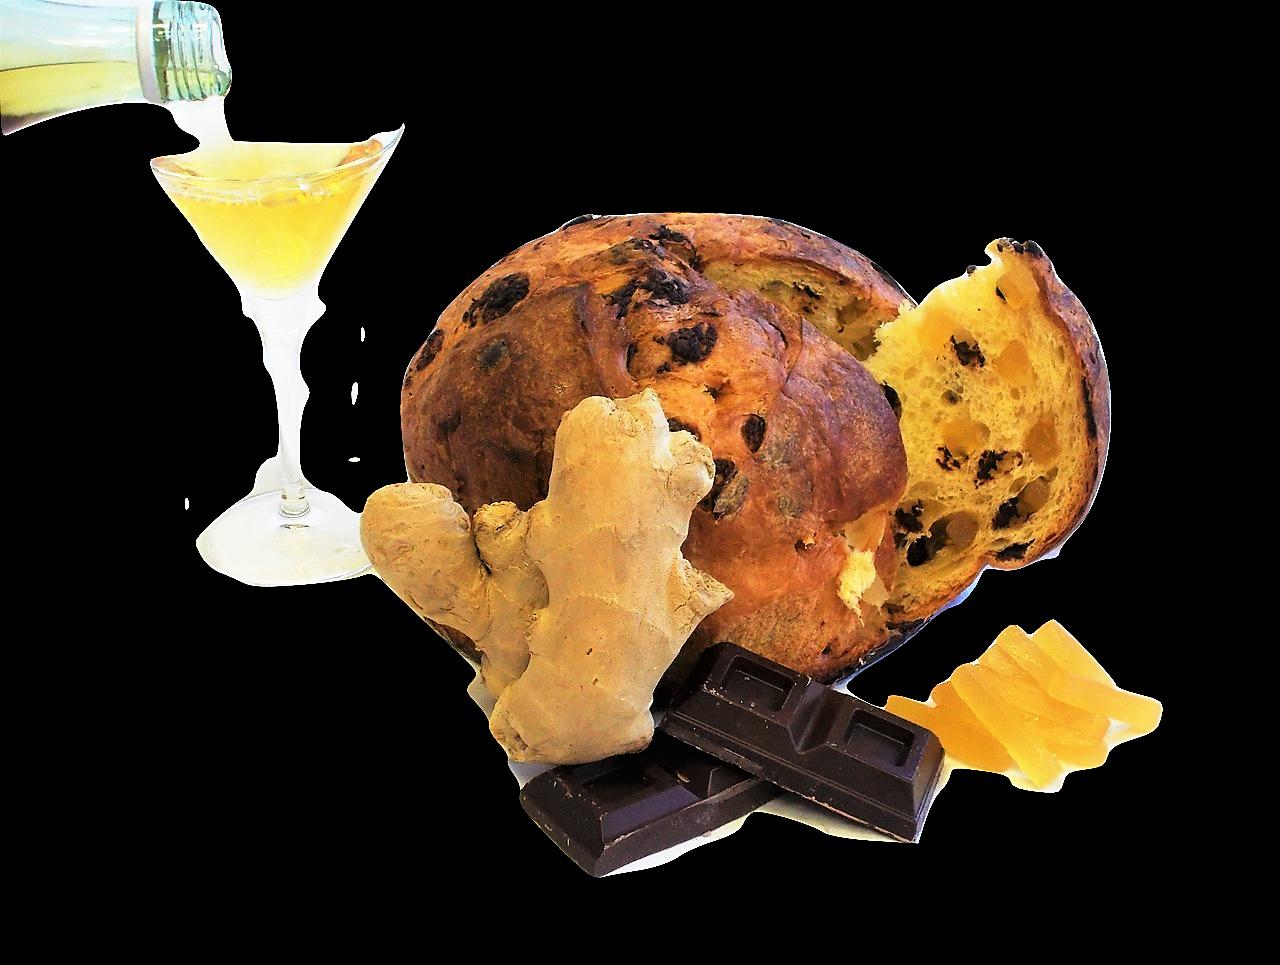 PANCIÜC ZENZERO E CIOCCOLATO imbibito con liquore alla vaniglia